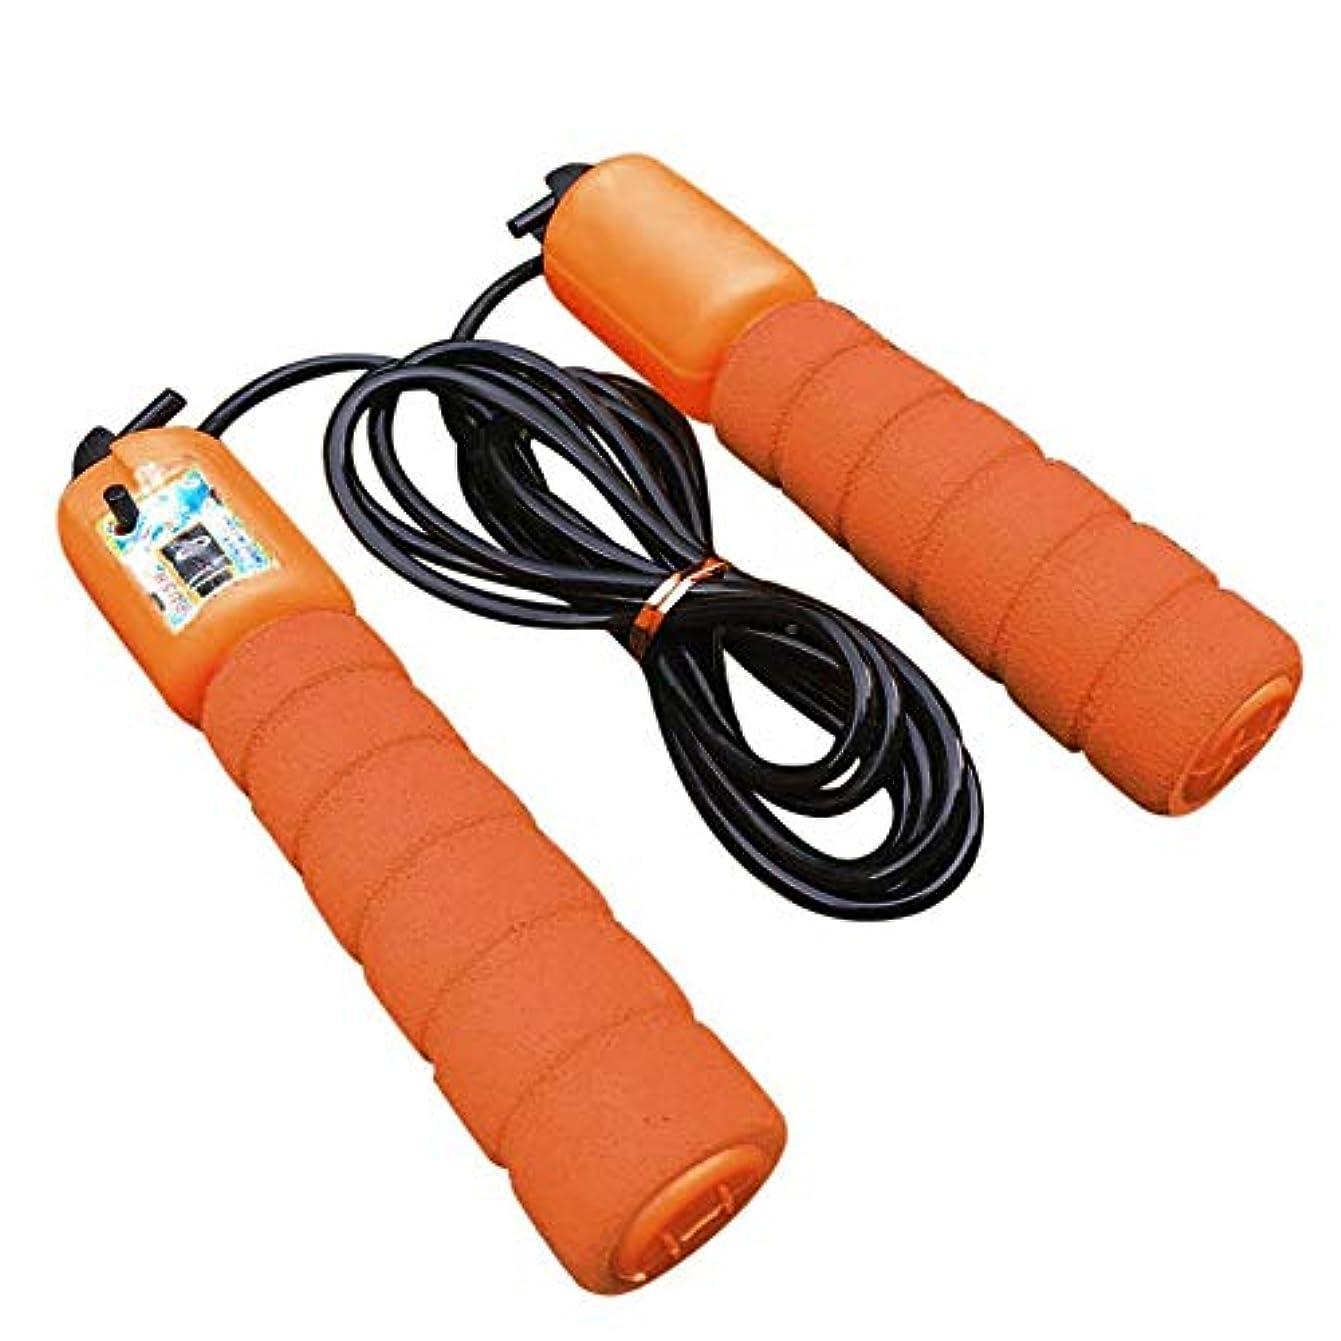 アラーム計器平行調整可能なプロのカウント縄跳び自動カウントジャンプロープフィットネス運動高速カウントジャンプロープ - オレンジ